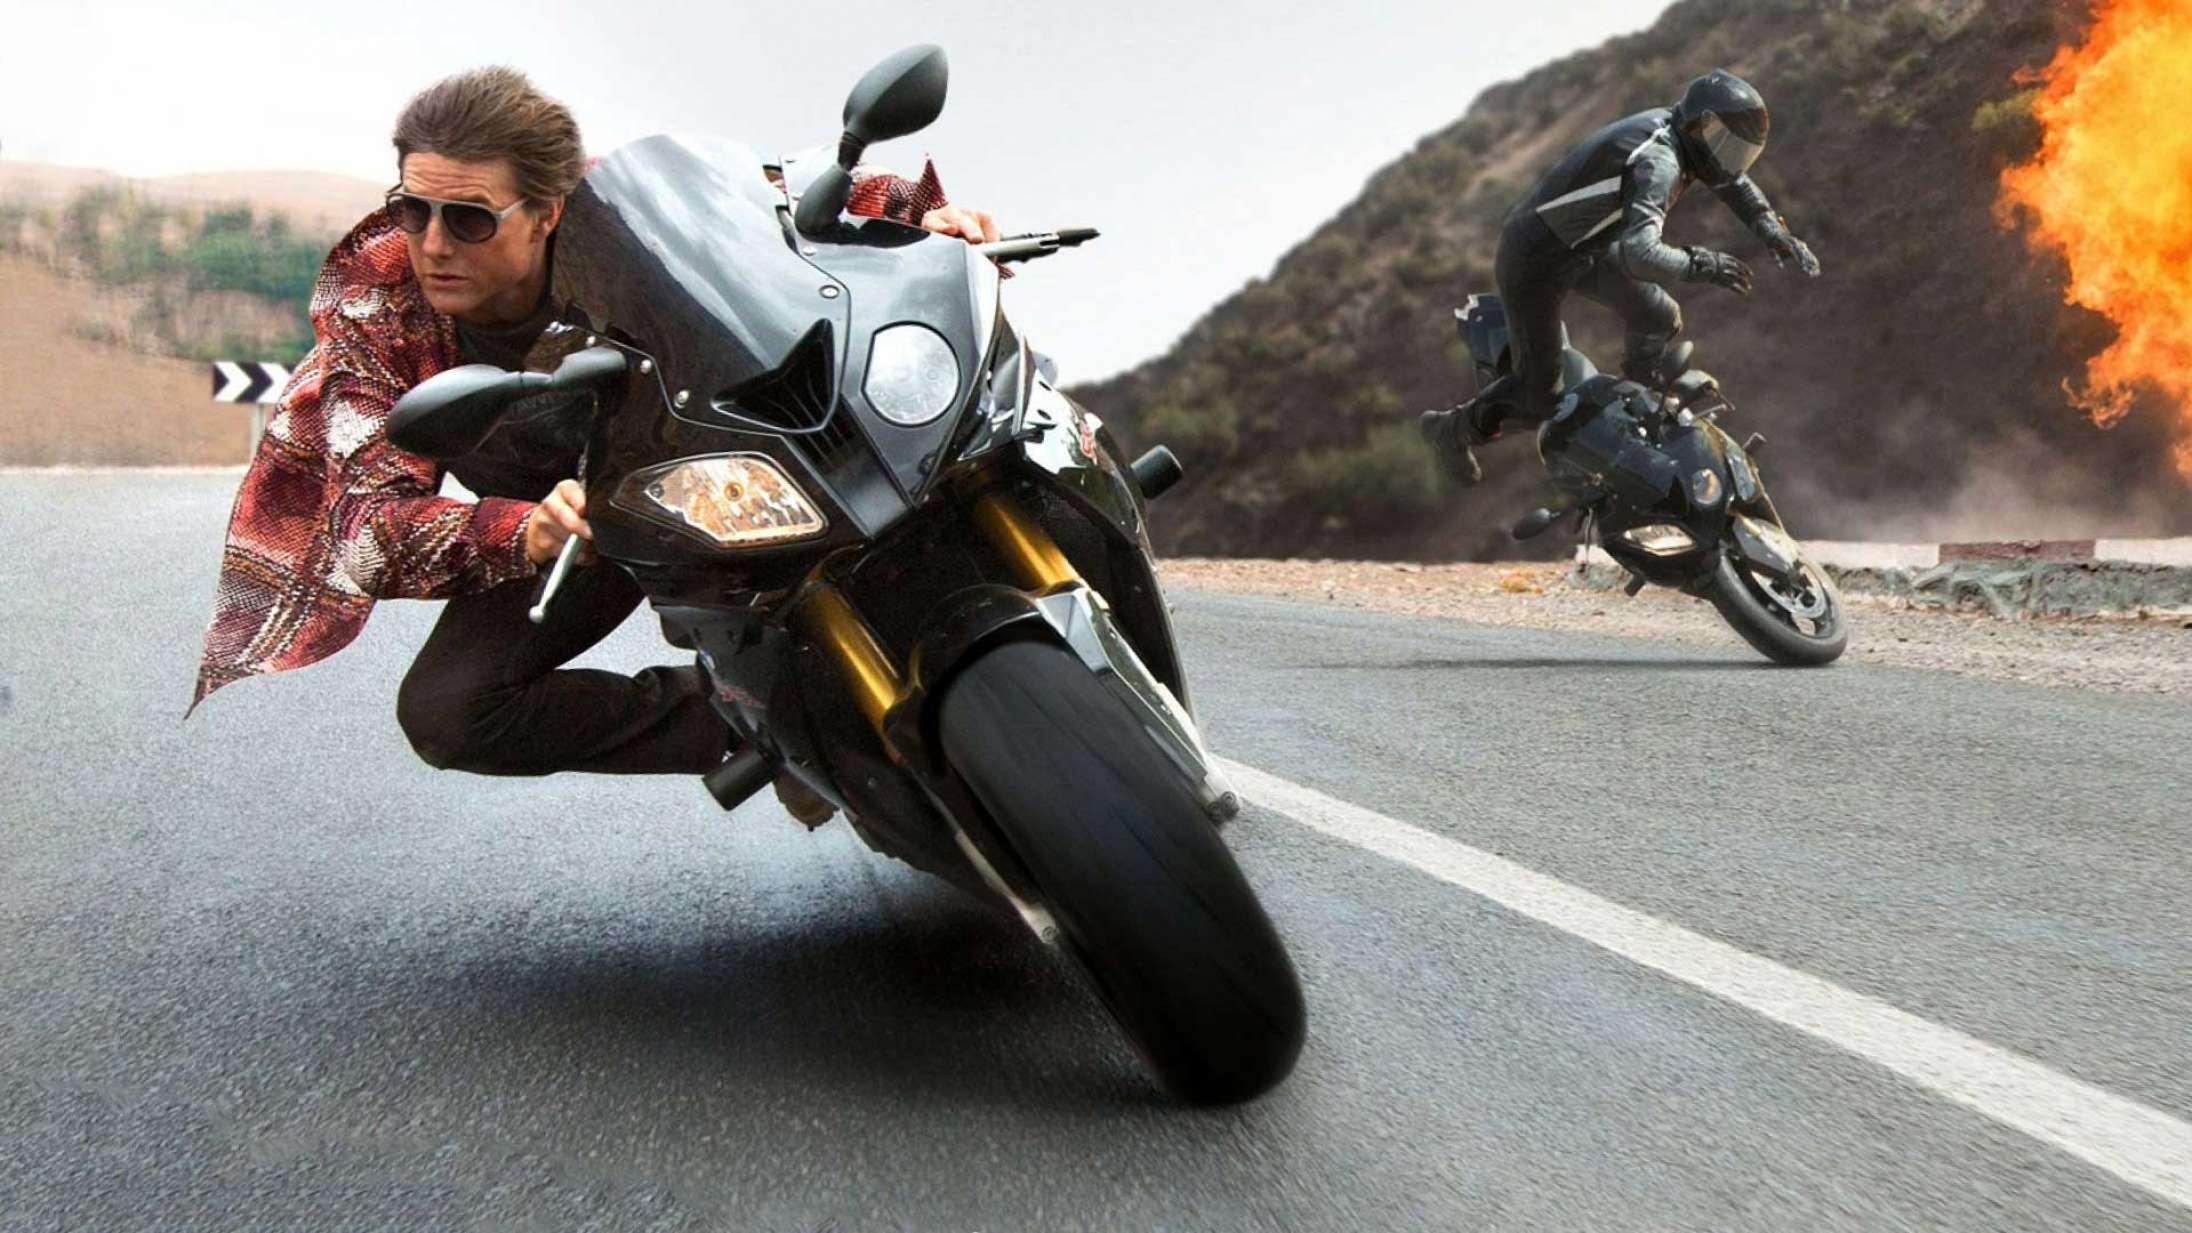 Tom Cruise lavede 13.000 motorcykelhop og 500 skydives for at træne til 'Mission: Impossible 7'